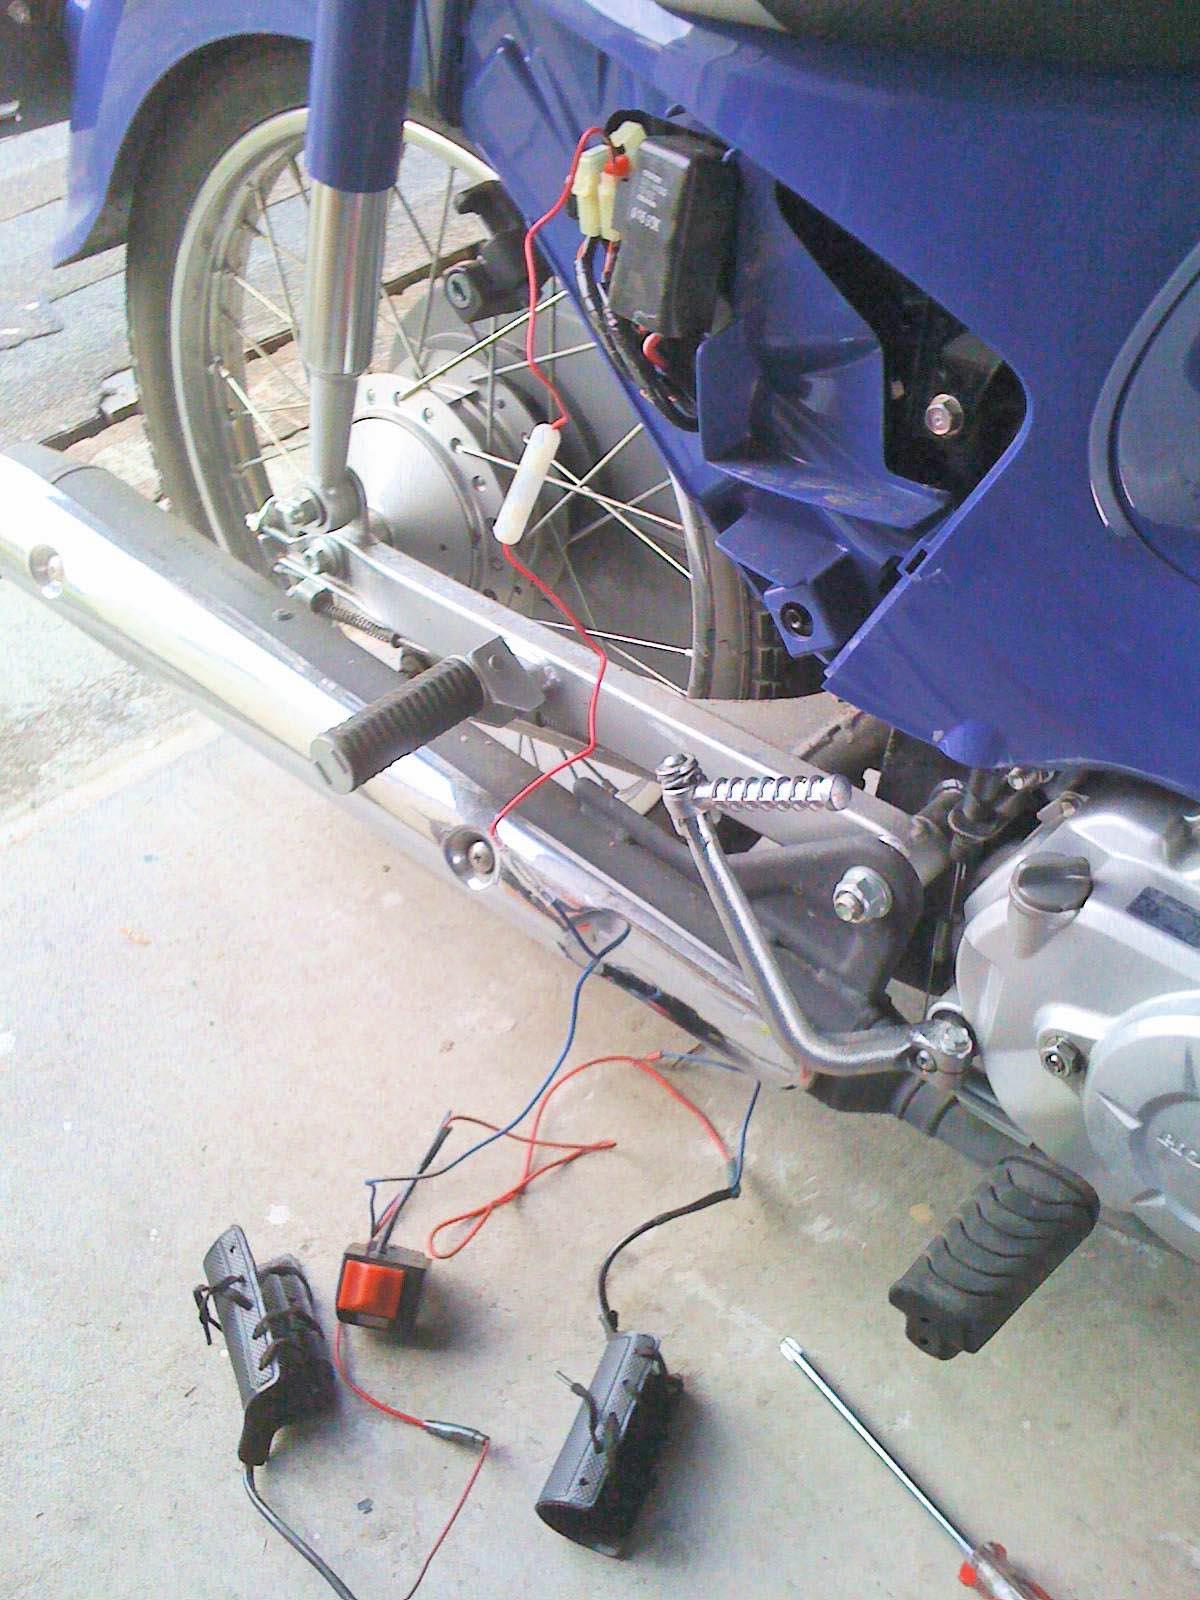 旧カブ用グリップヒーター移植 : zoff's blog